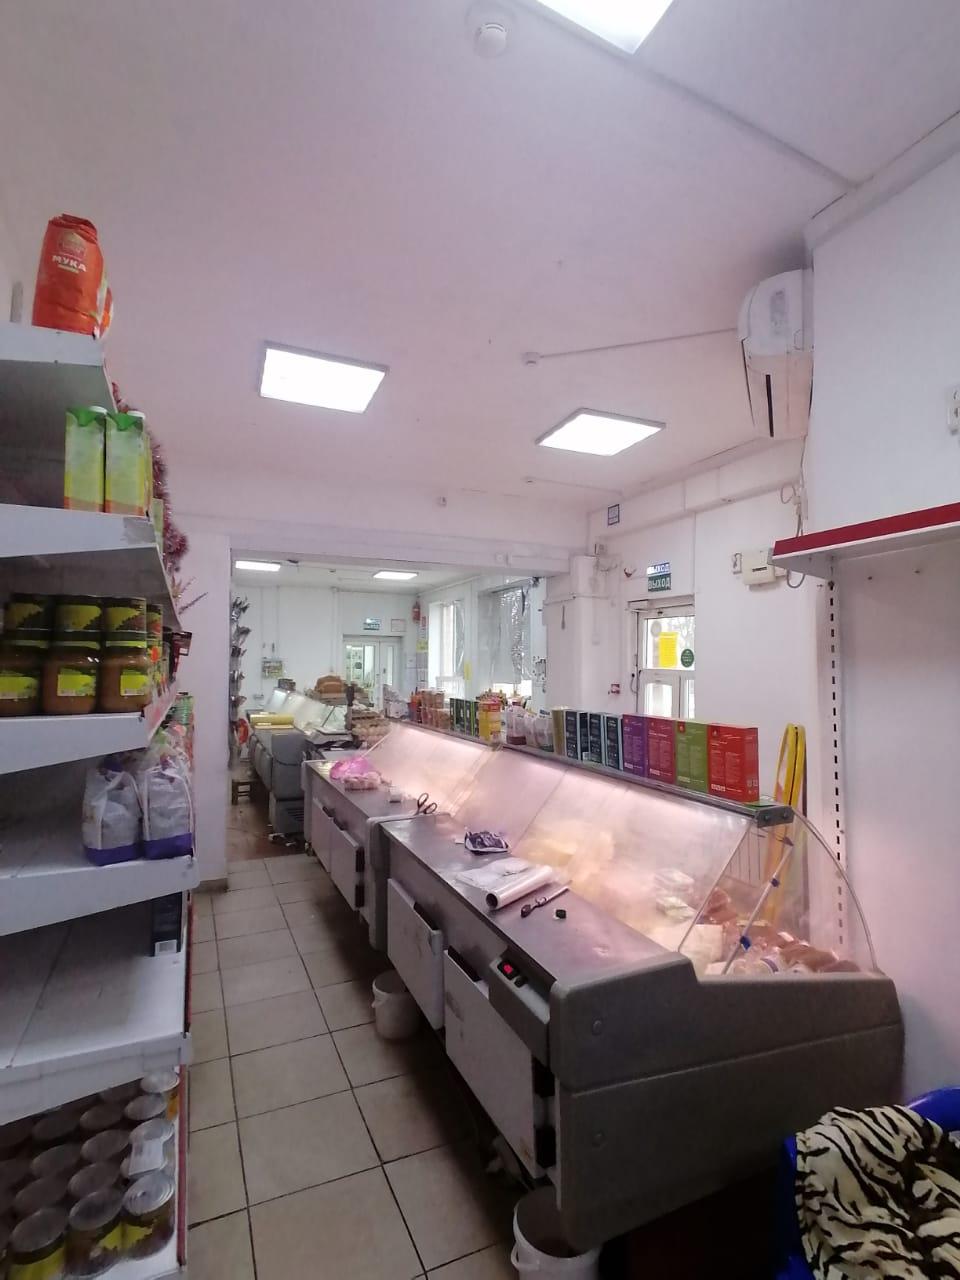 Free Purpose в аренду по адресу Россия, Ставропольский край, Ставрополь, Серова ул.2